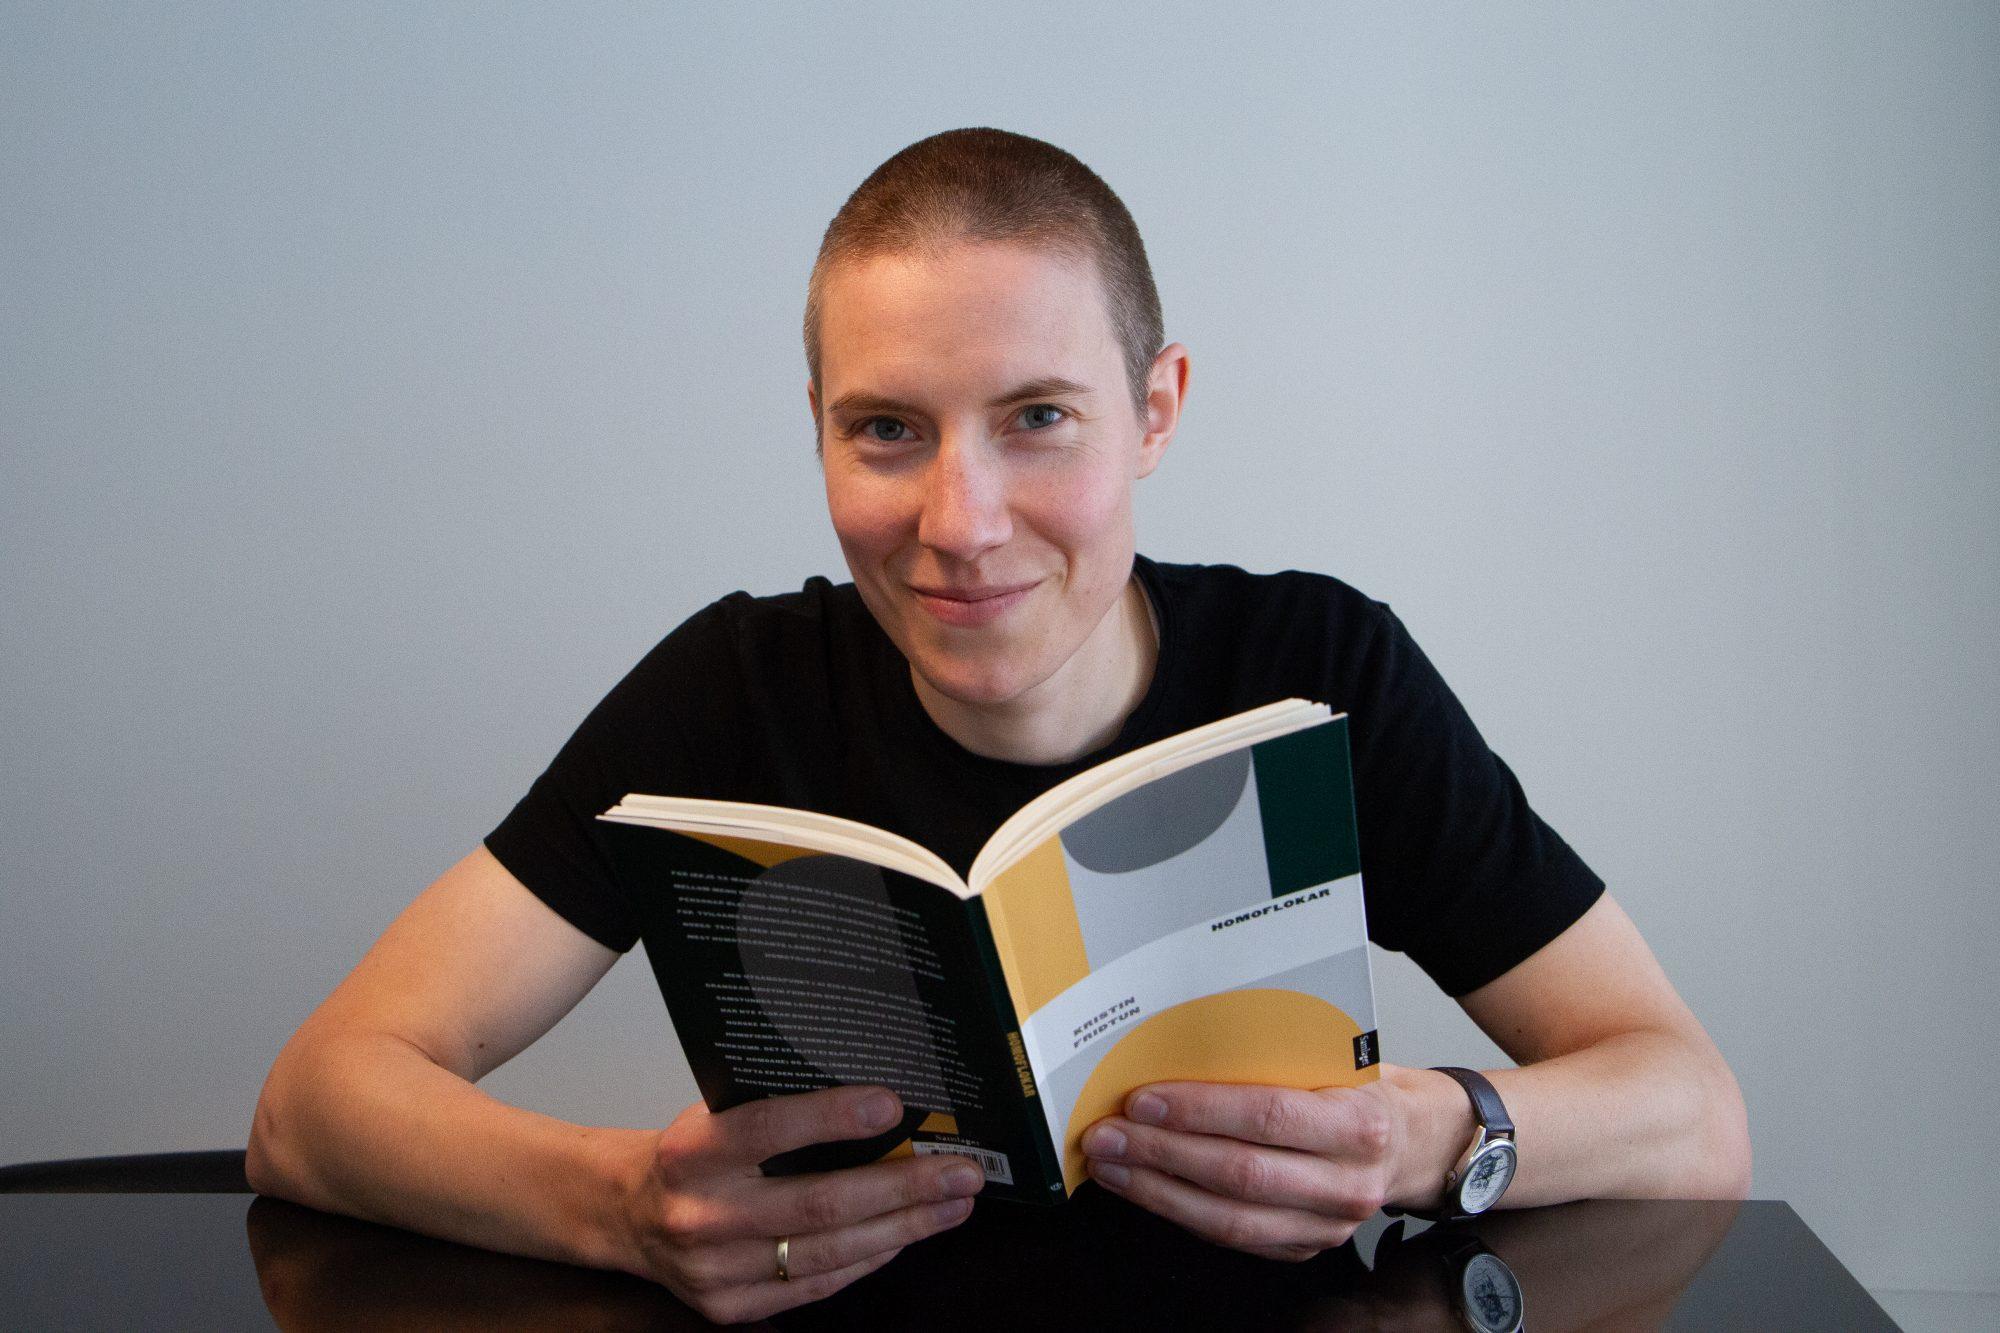 Kristin Fridtun hadde ei begrensing på 60.000 teikn med mellomrom da ho skulle skrive «Homoflokar» . Foto: Beate Haugtrø